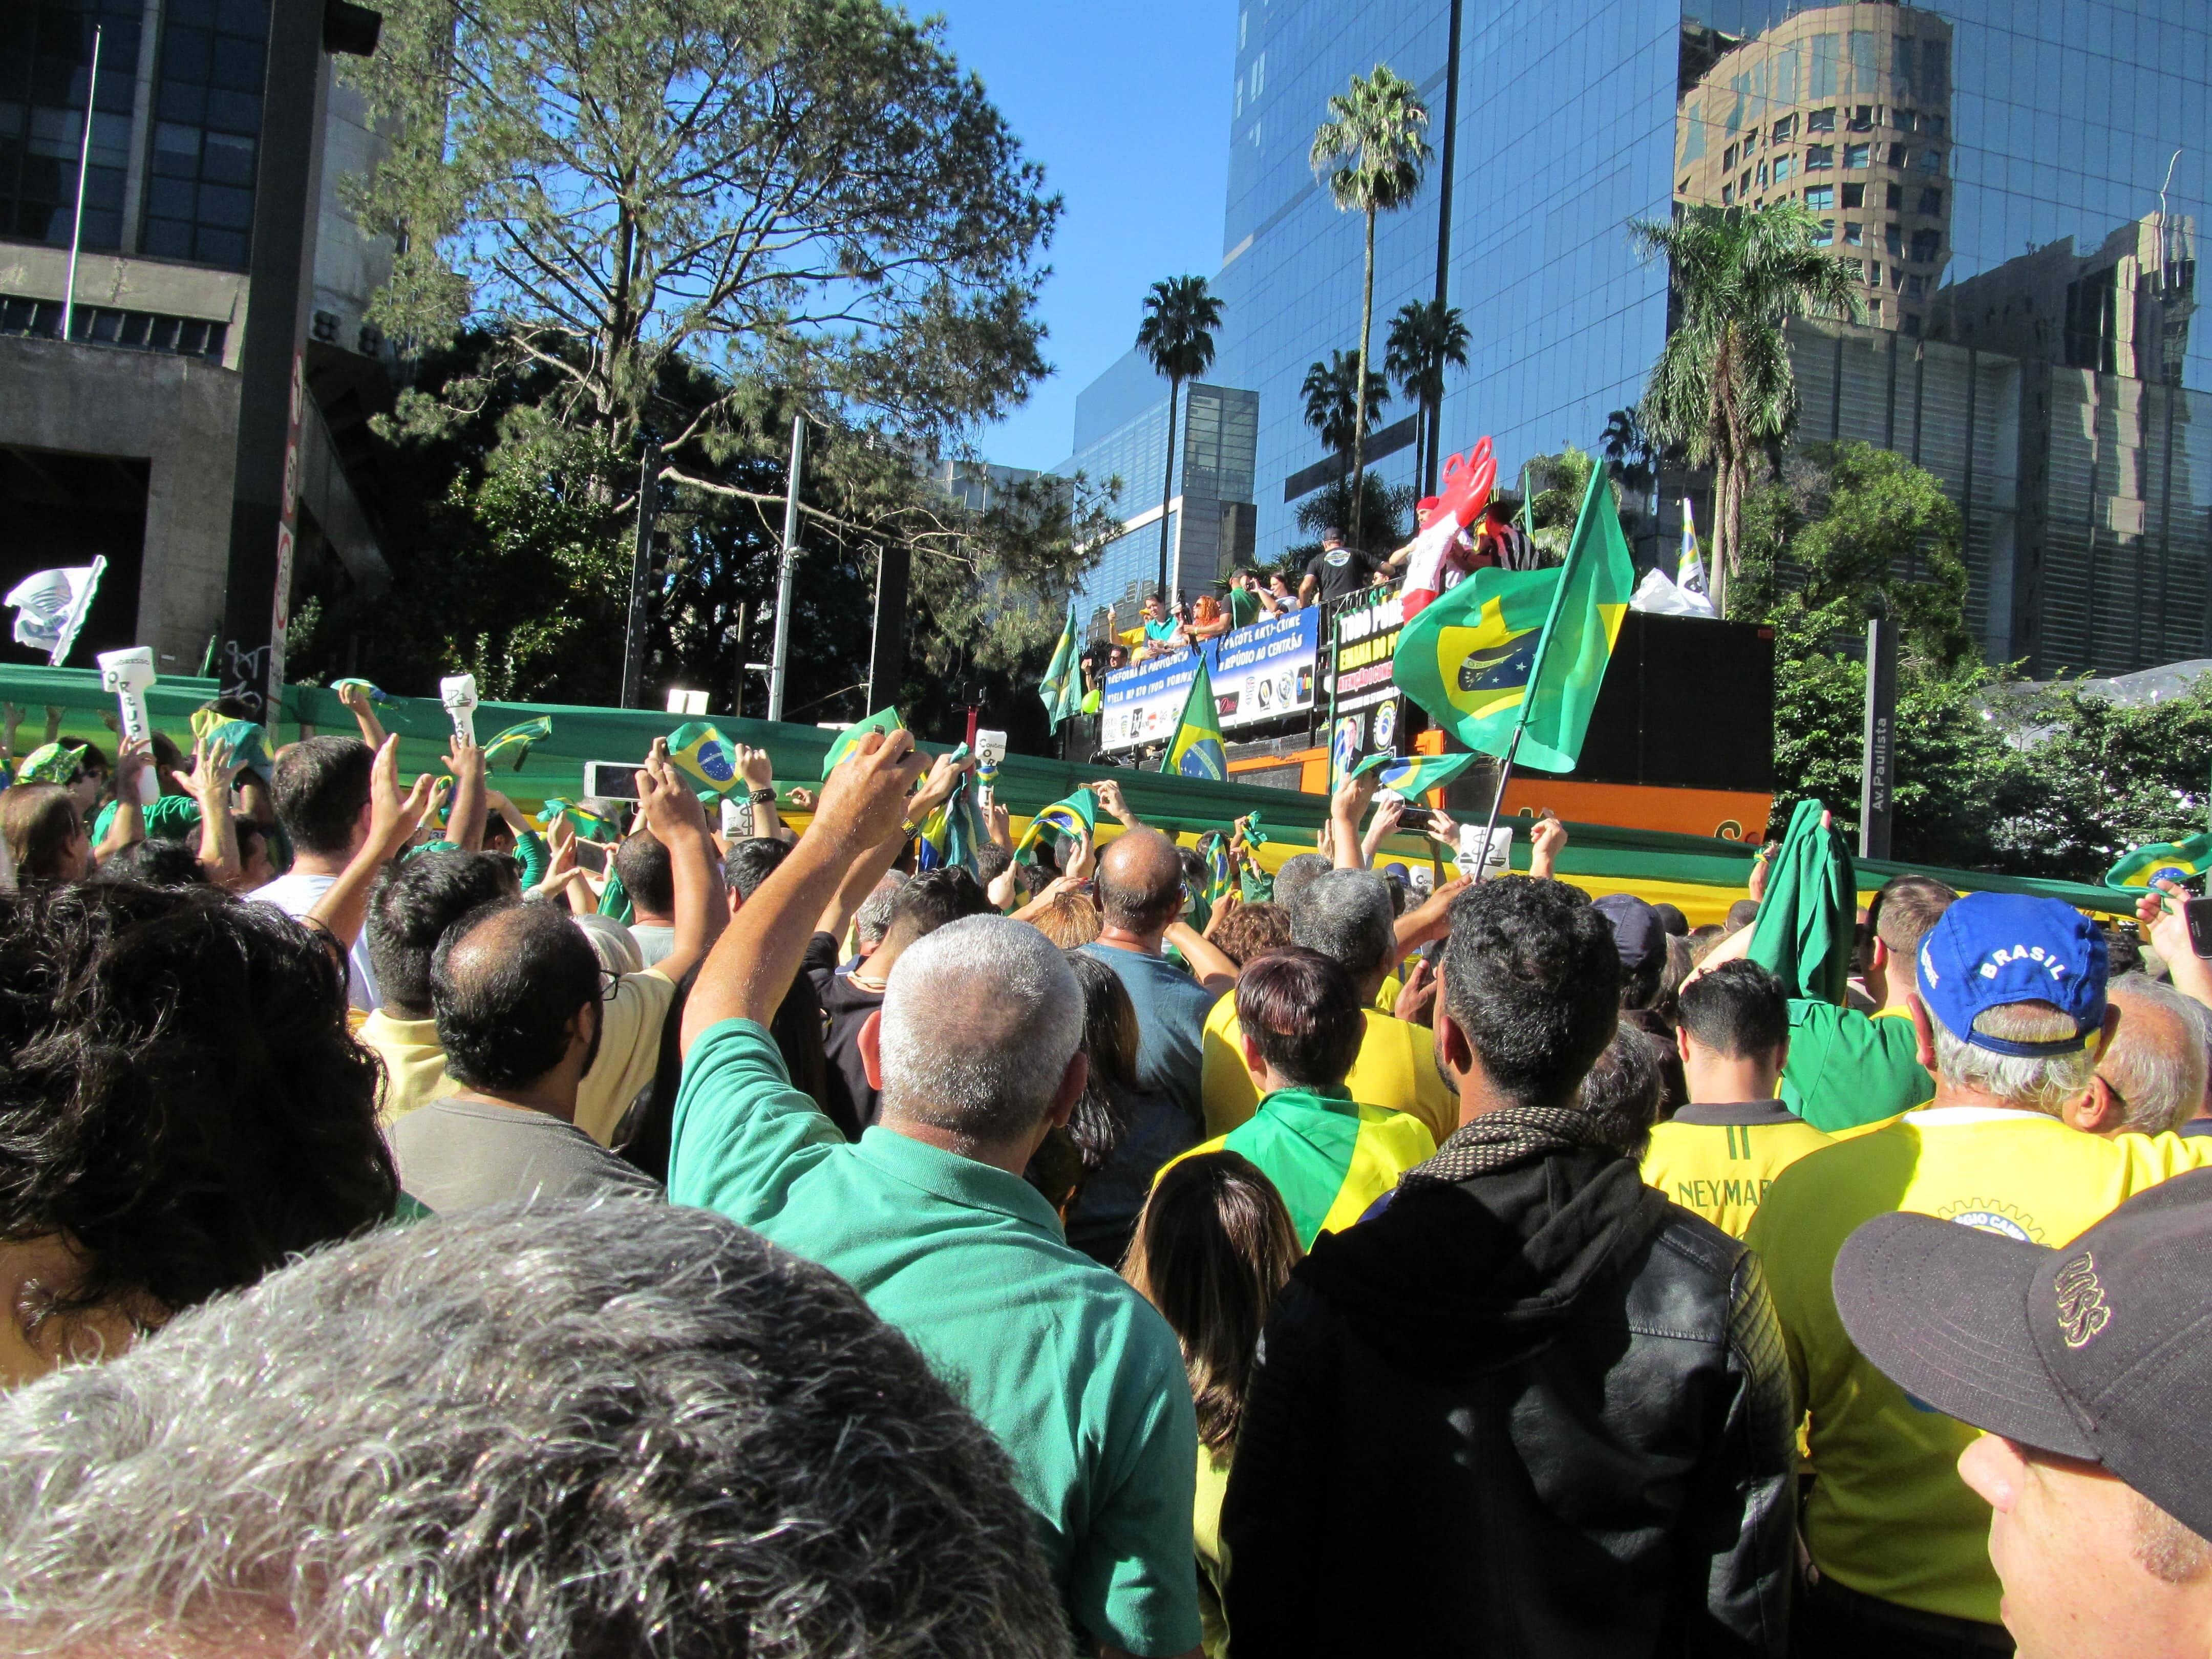 Manifestantes ovacionaram discursos contra o MBL. Foto: João Cesar Diaz